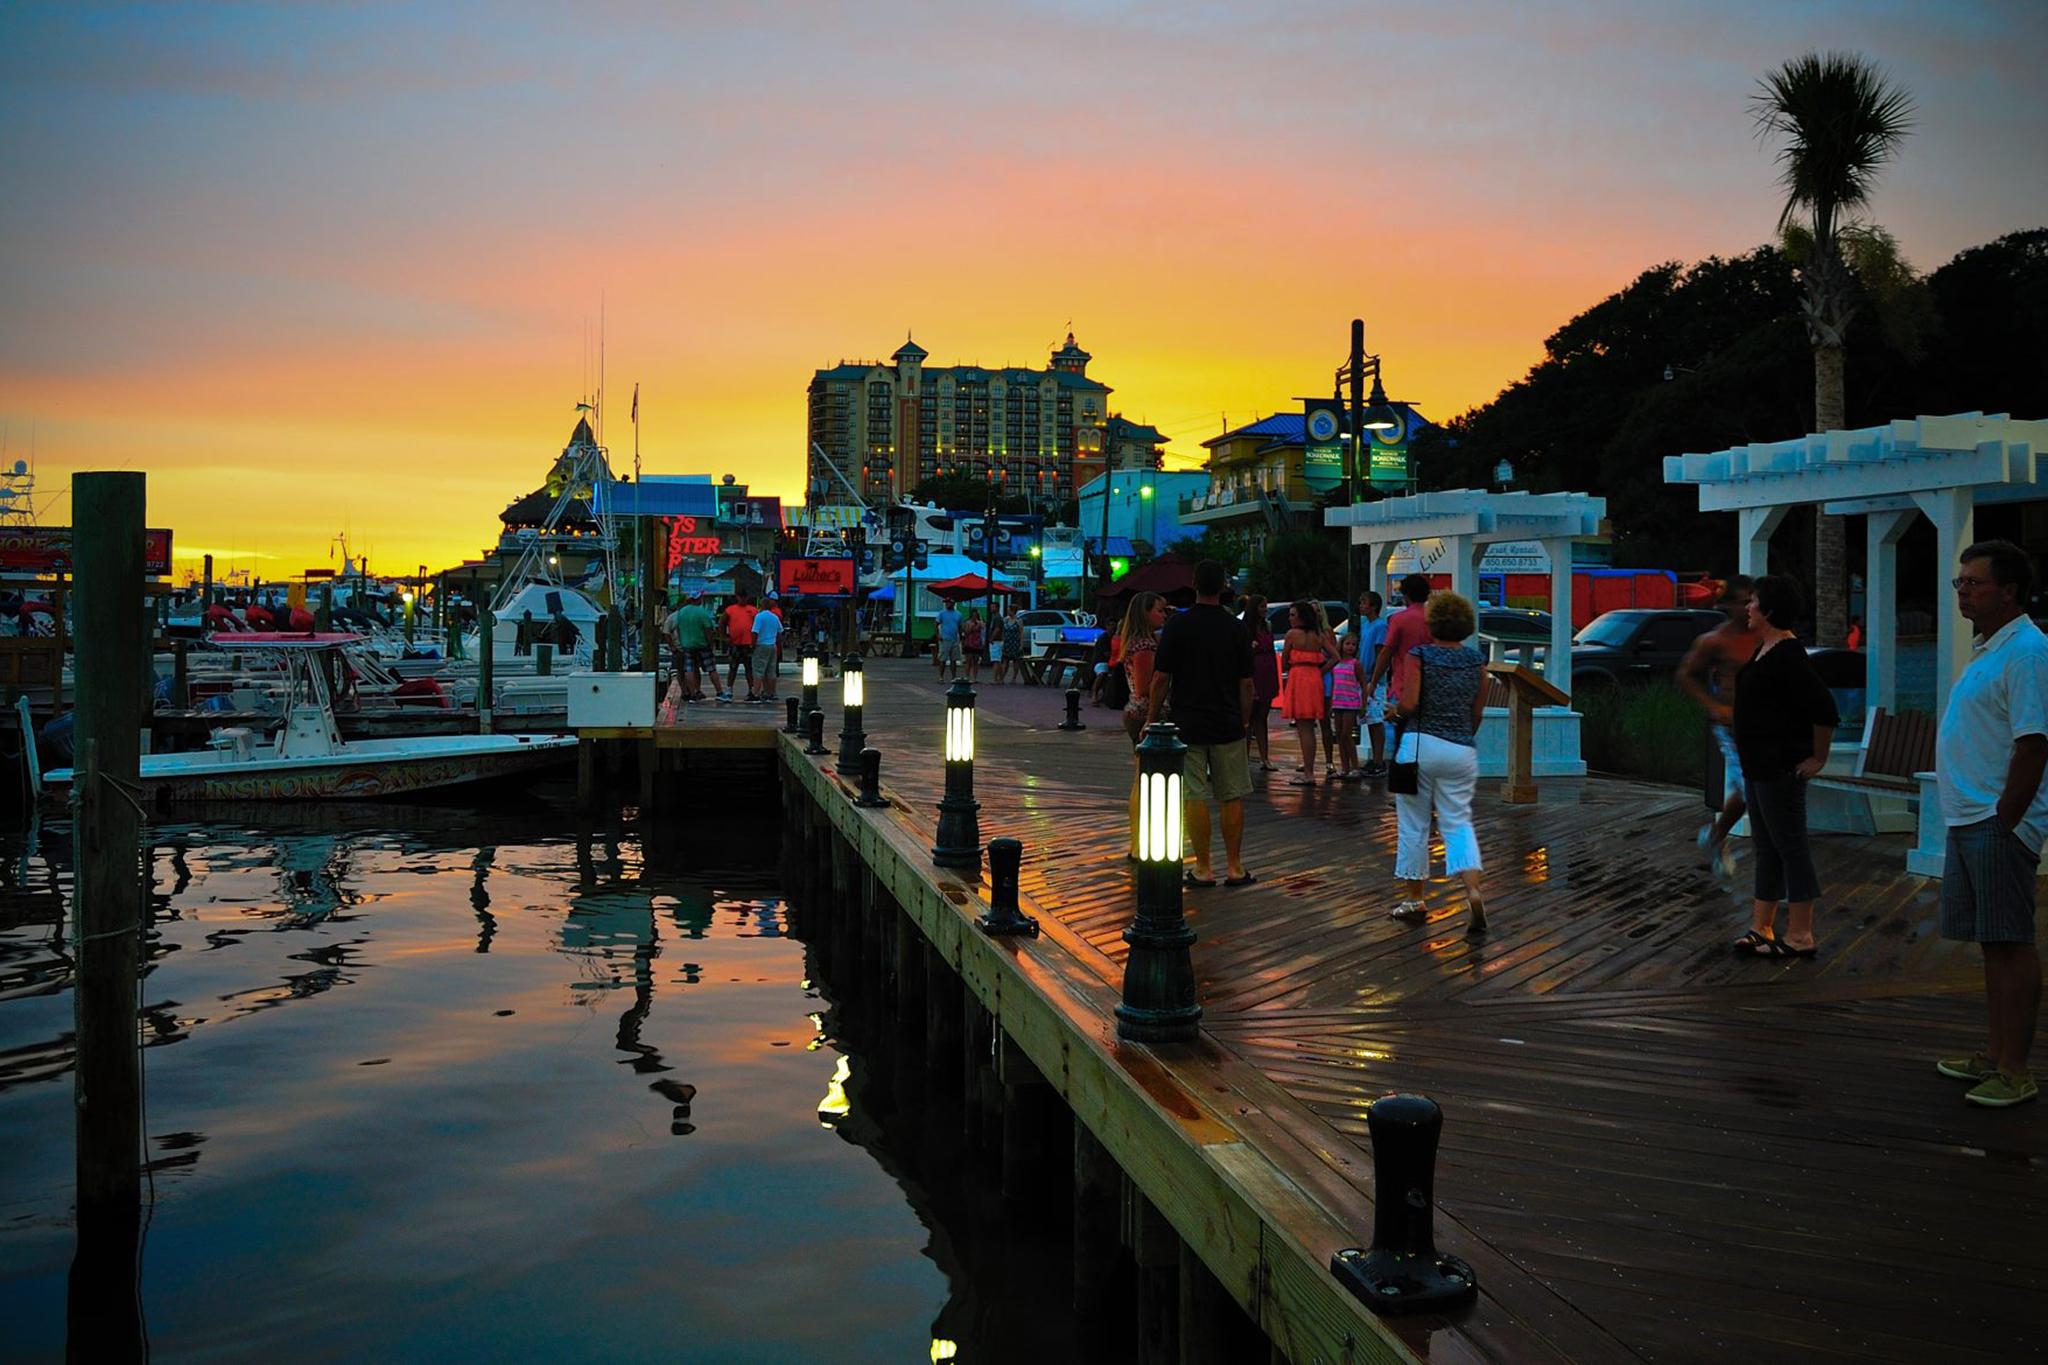 Destin Harbor Boardwalk, EITW